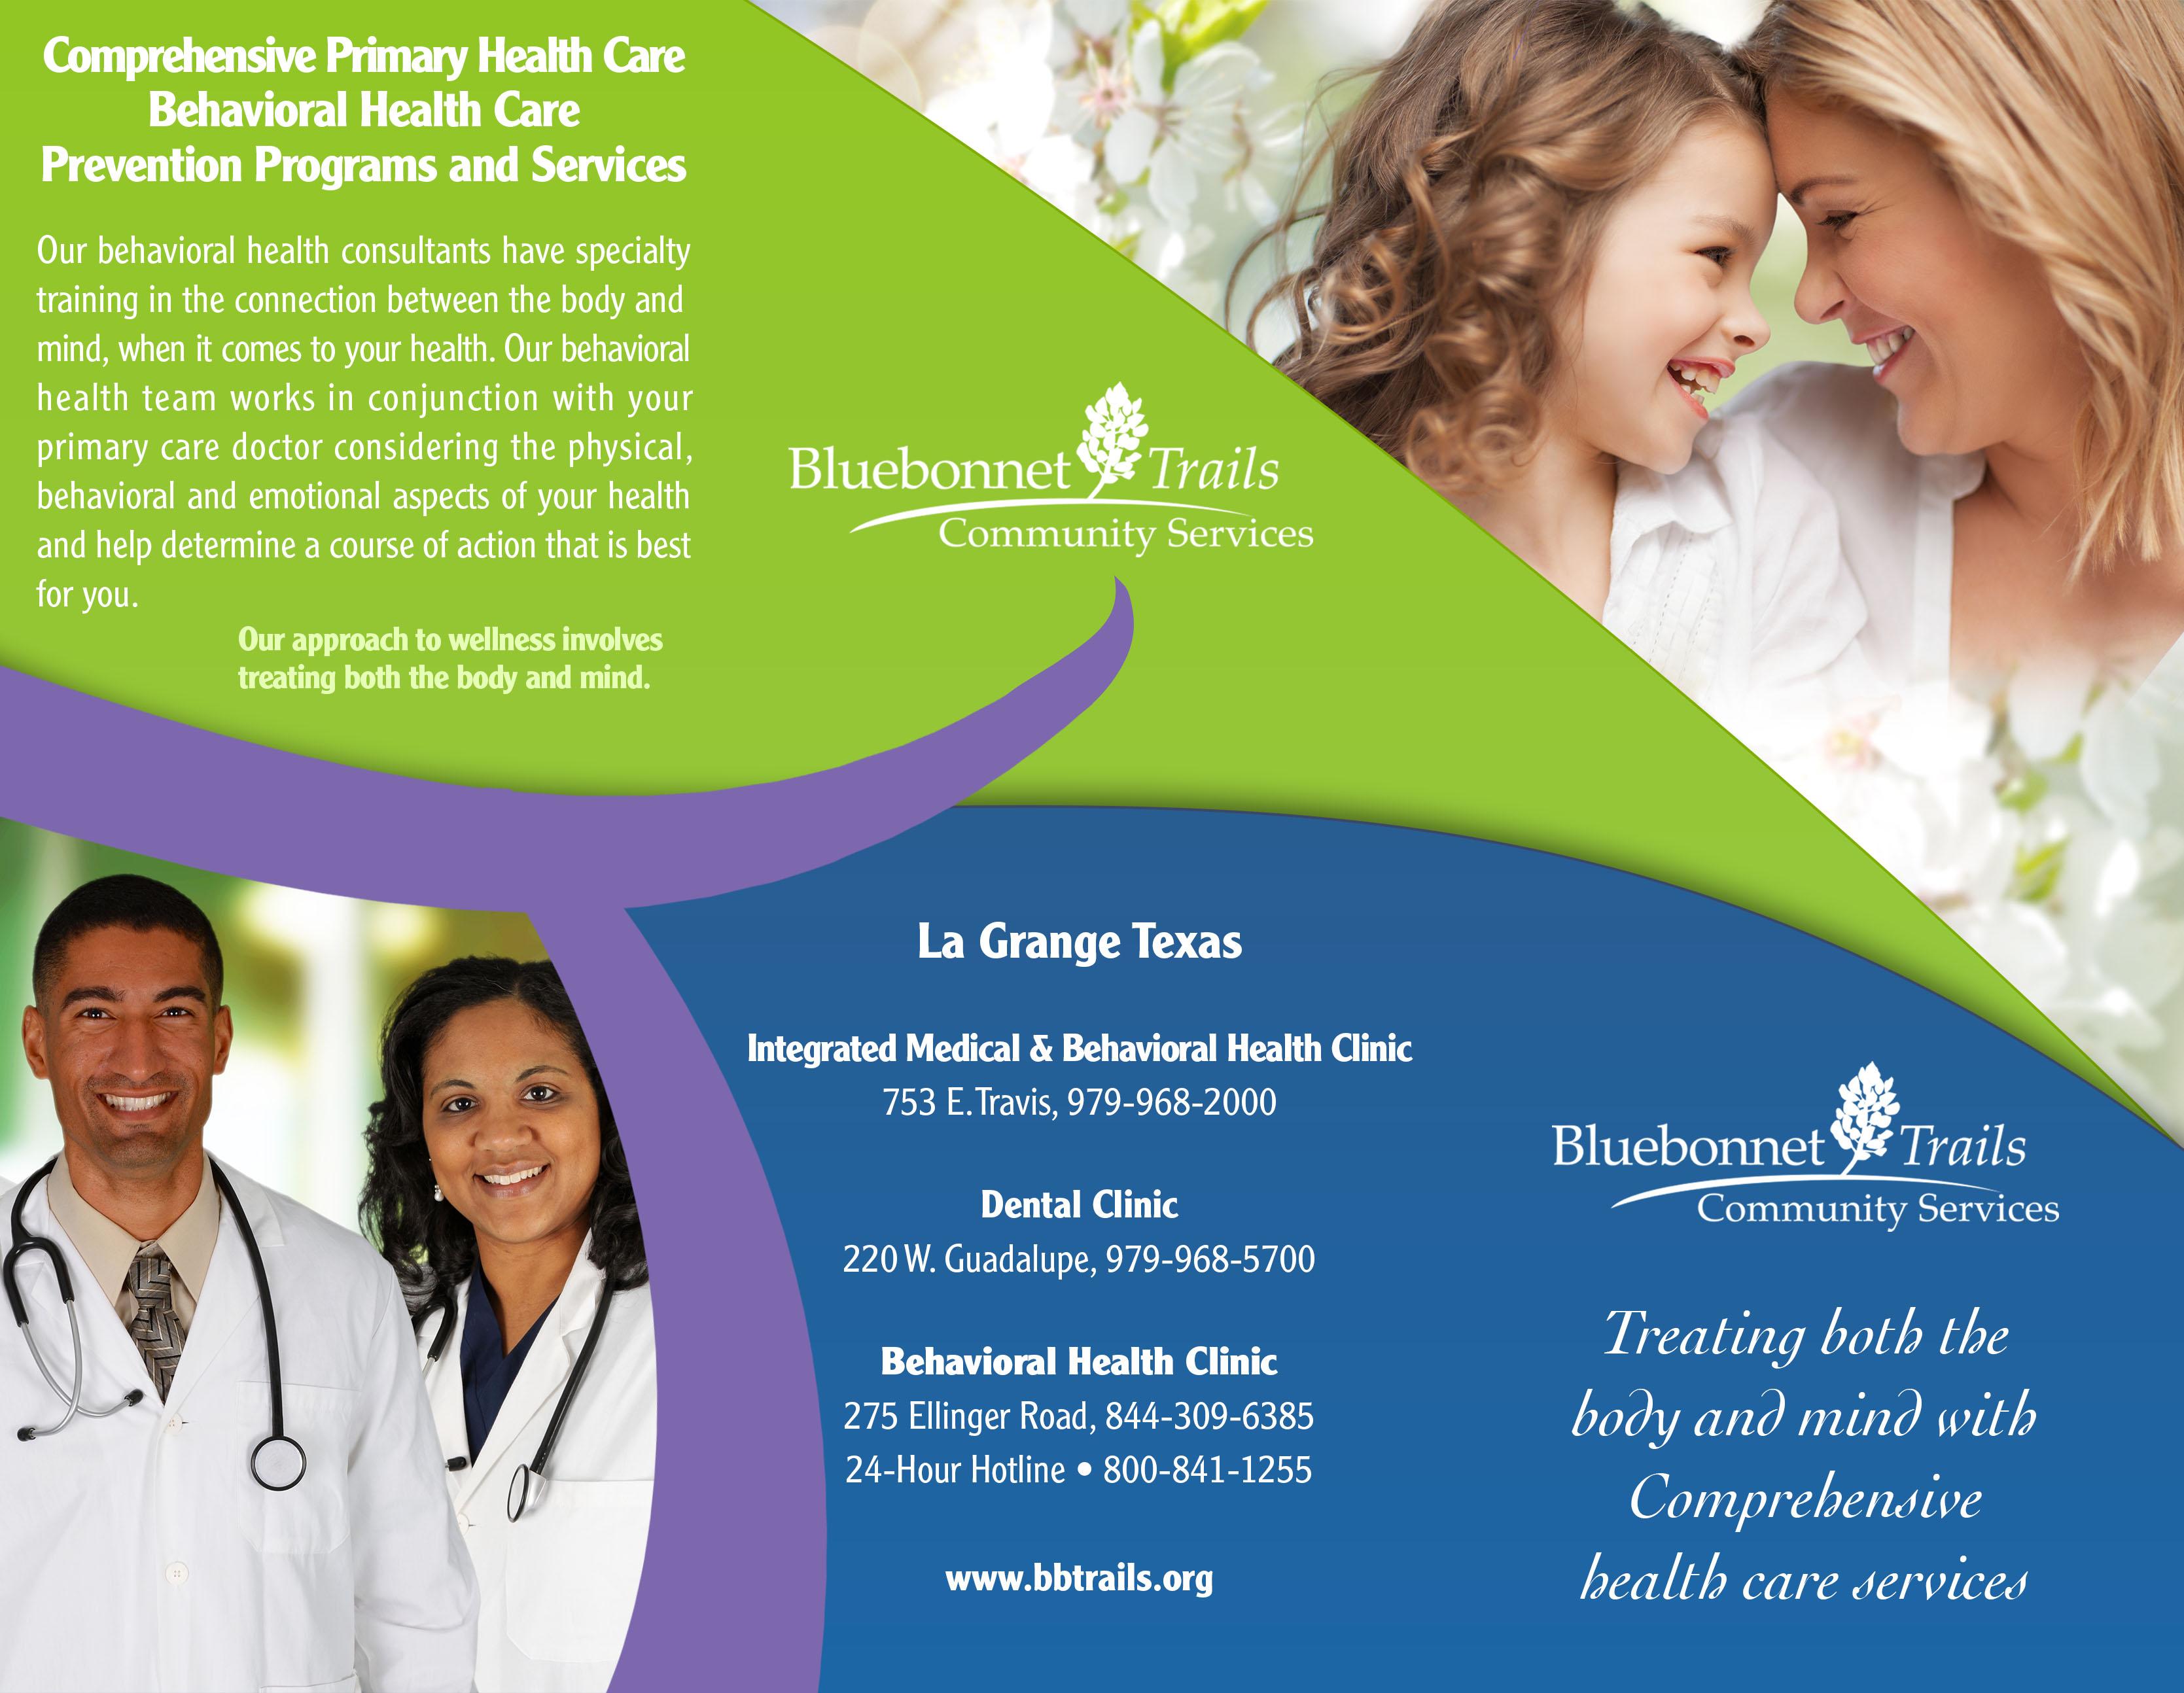 Family health care bluebonnet trails community services lagrange brochure front altavistaventures Image collections